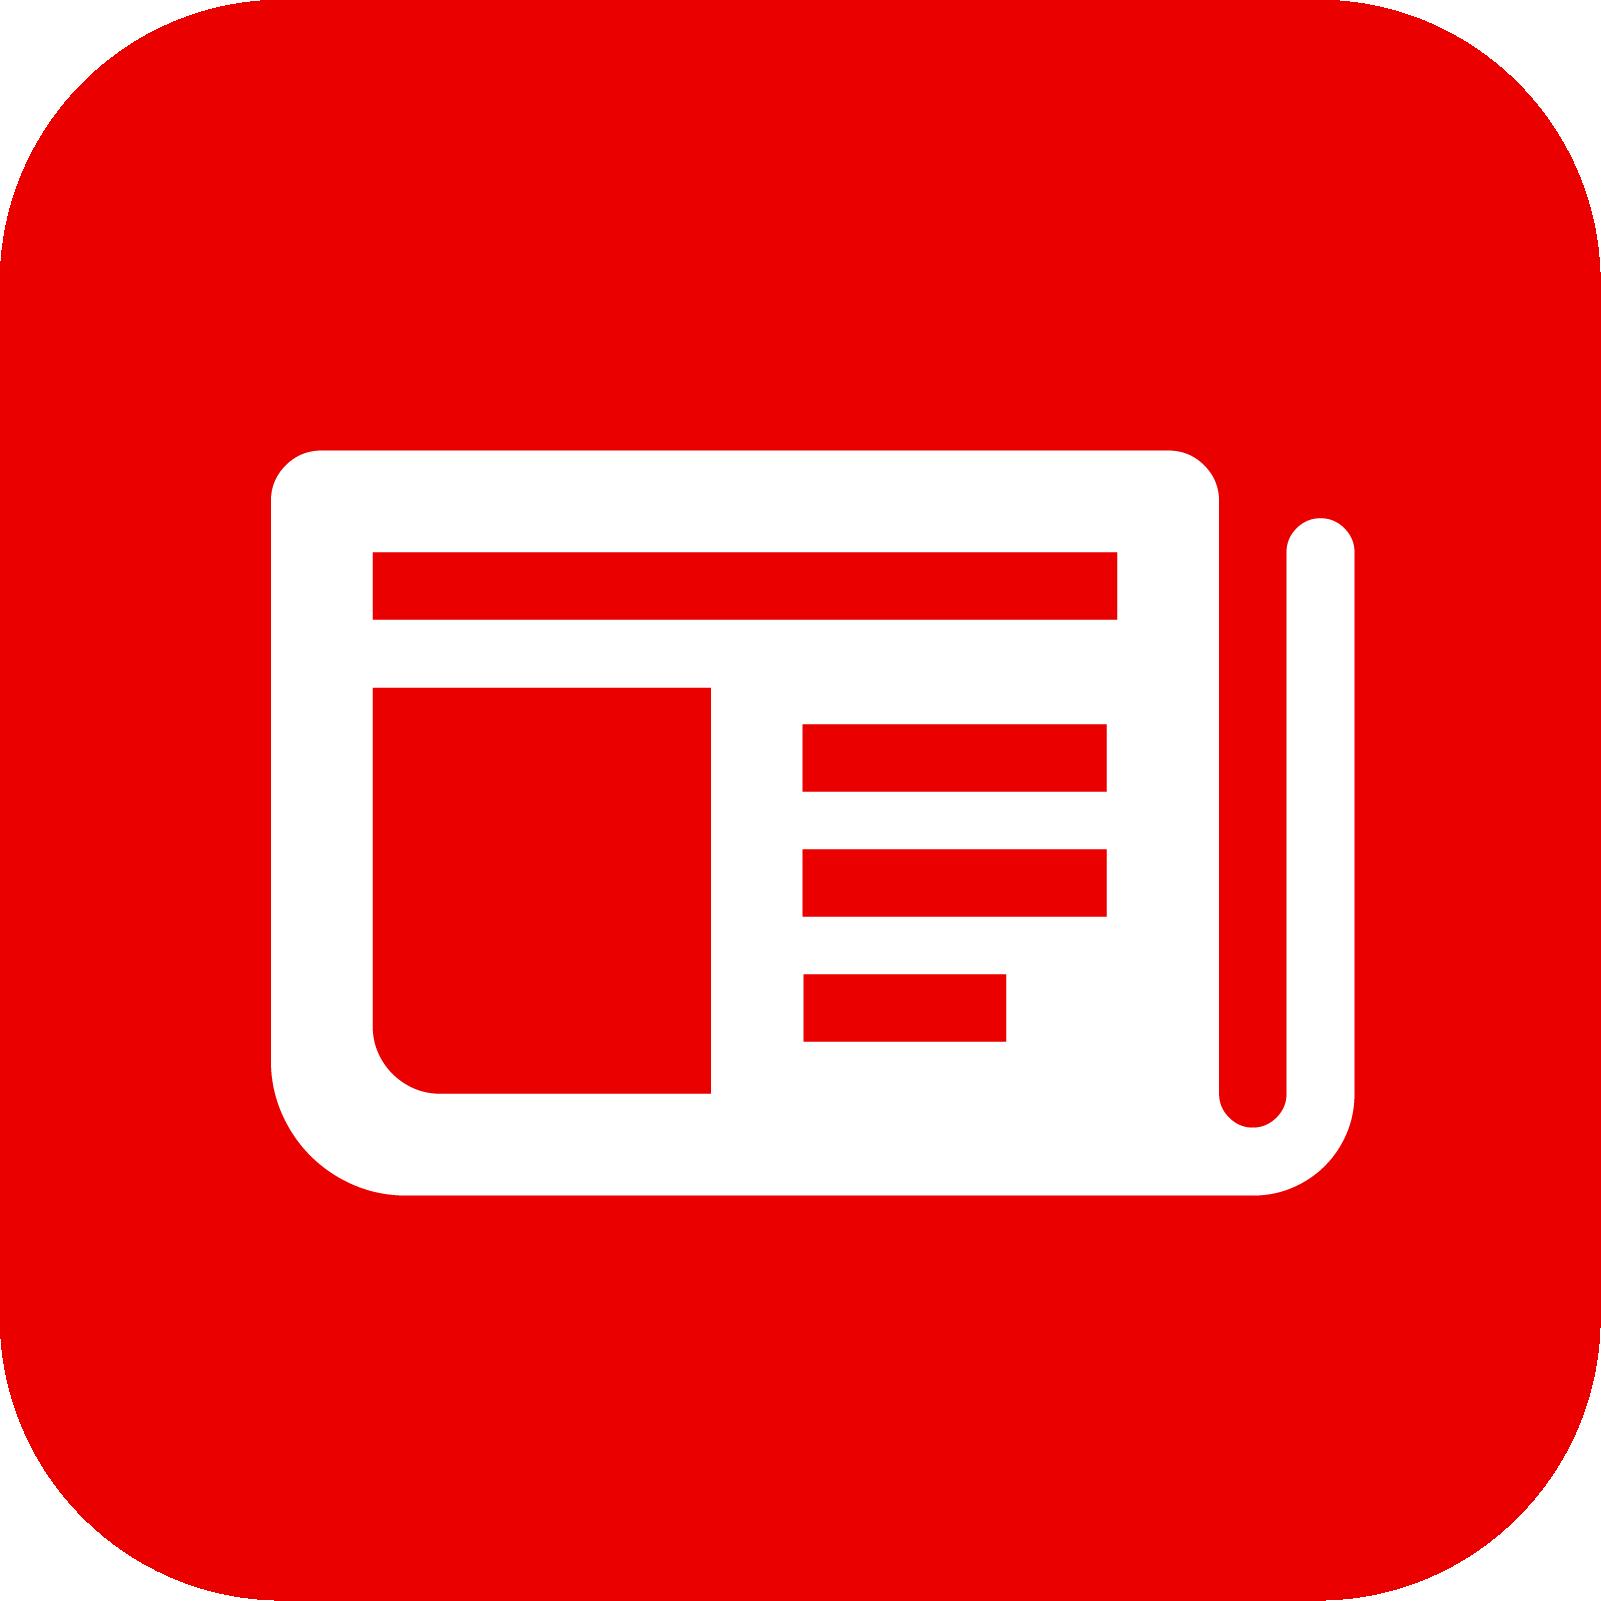 Hotmail Outlook Noticias Famosos Y Horoscopo De Hoy En Msn Espana